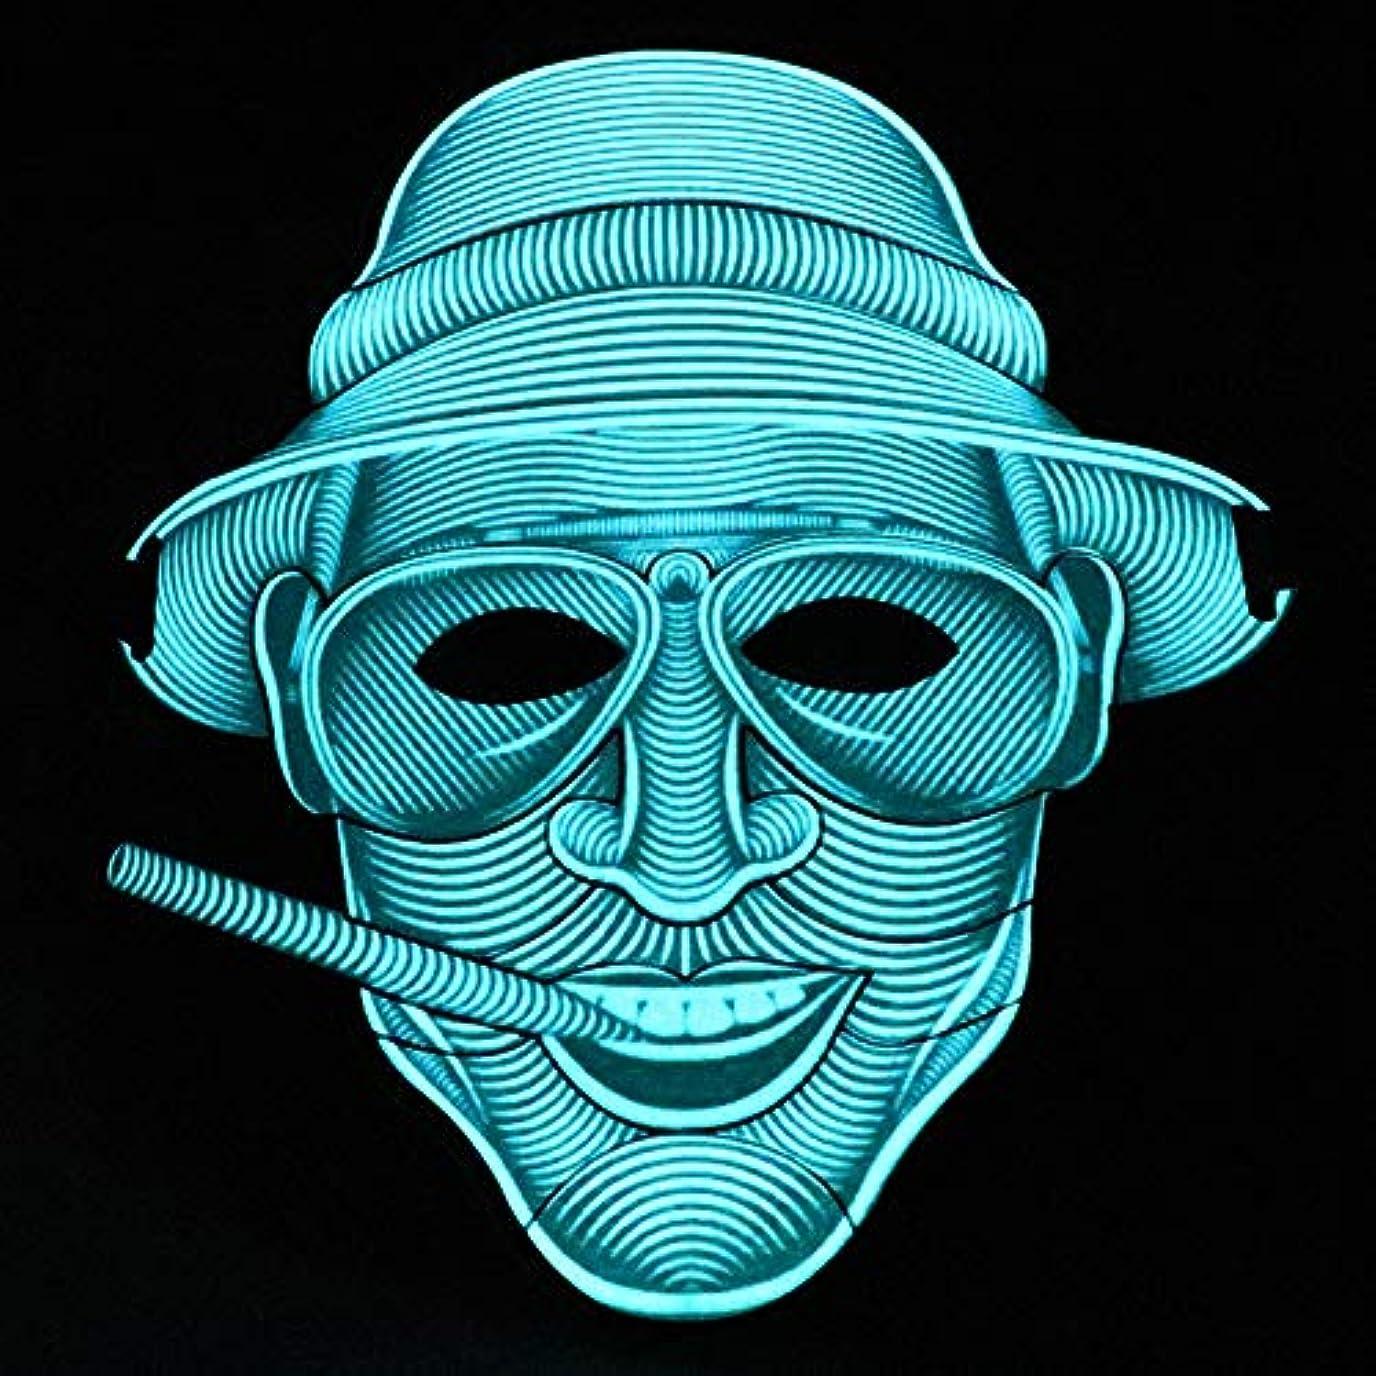 誓うパイロットかりて照らされたマスクLED創造的な冷光音響制御マスクハロウィンバーフェスティバルダンスマスク (Color : #4)